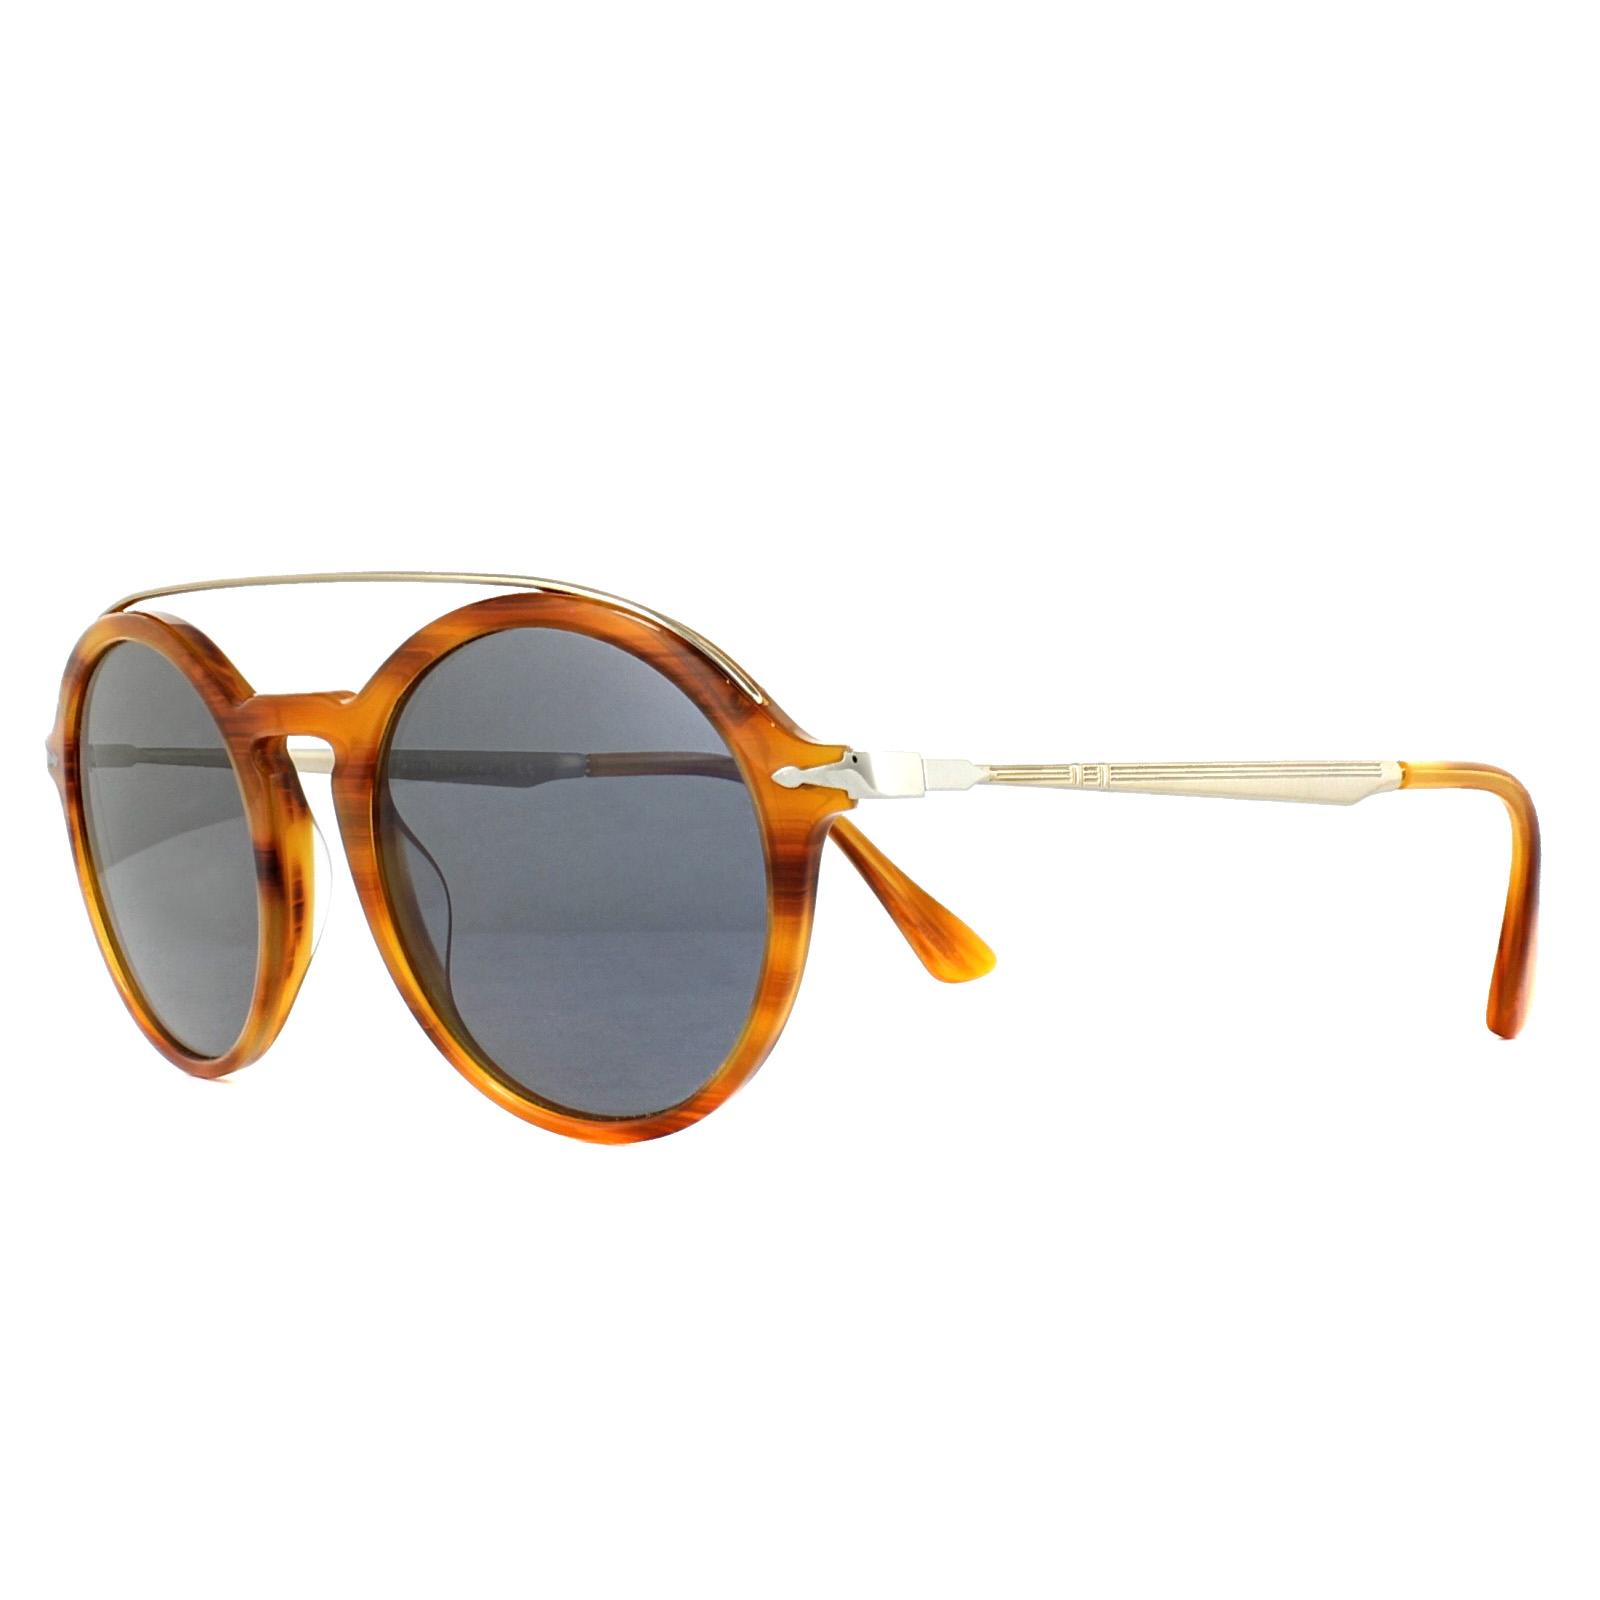 5549f87f31 Persol Sunglasses 3172S 960 56 Striped Brown Blue 8053672764215